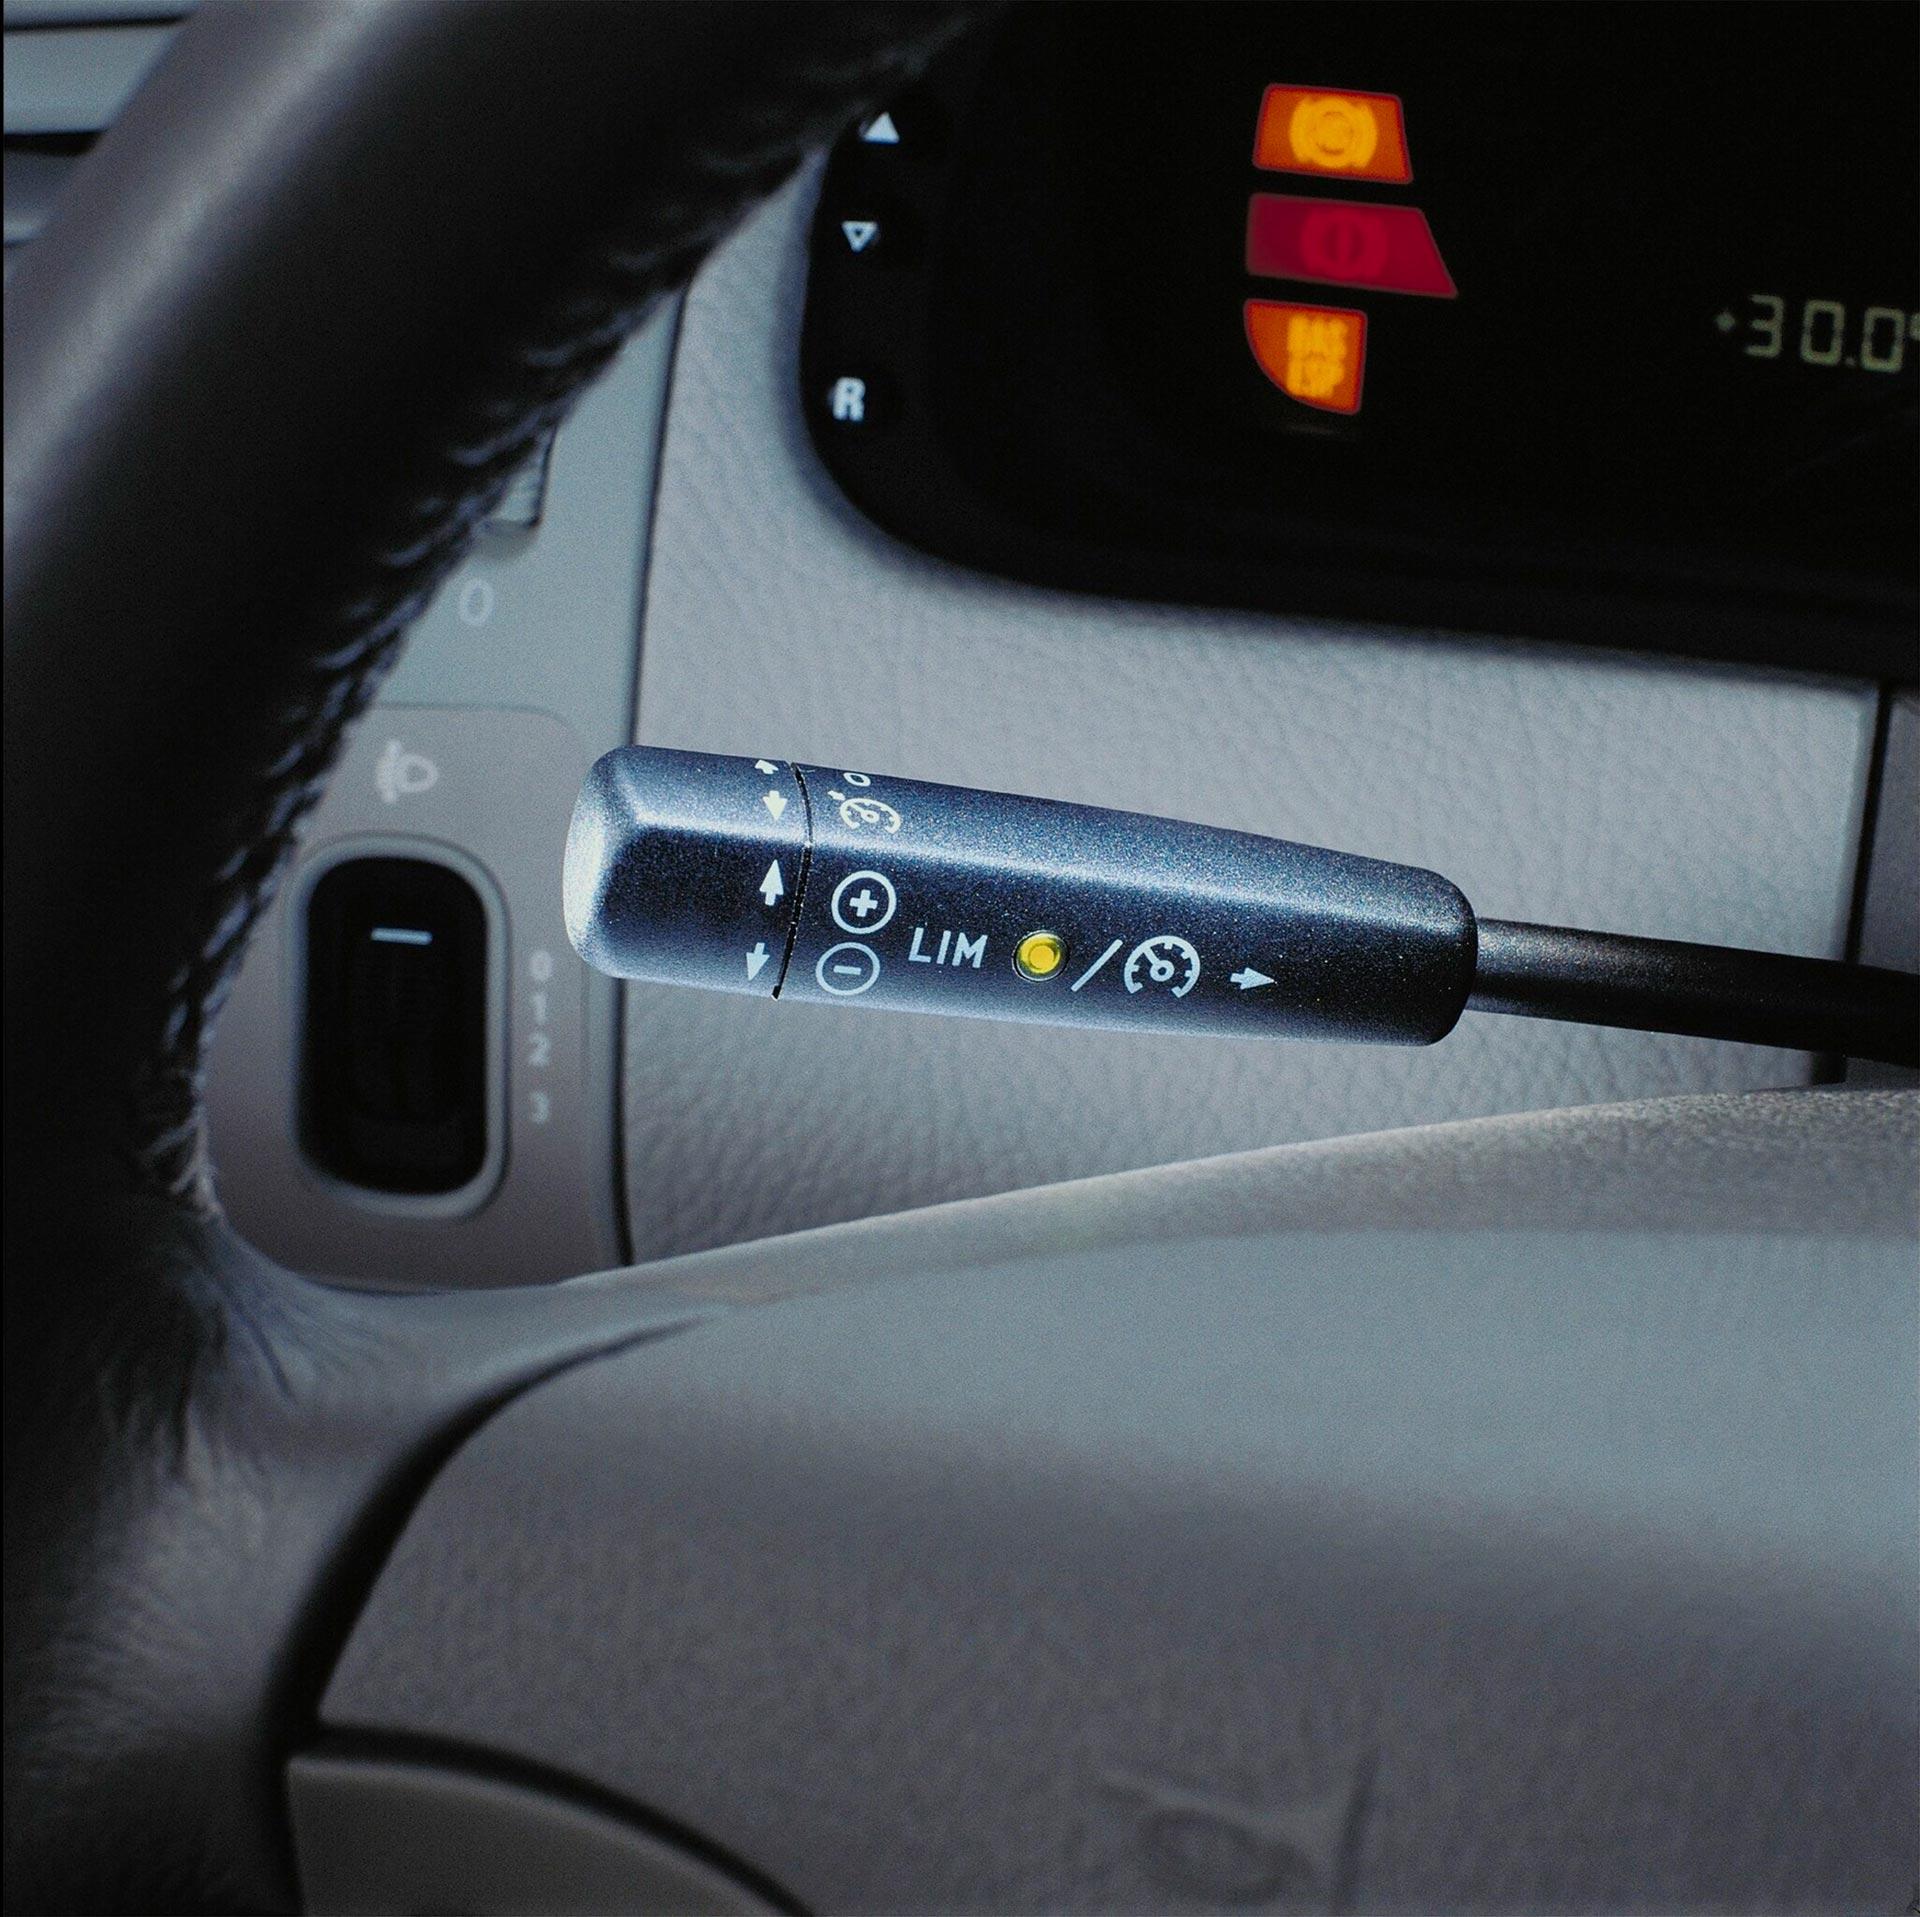 Der Limiter: Beim variablen Tempomaten SPEEDTRONIC kann die passende Höchstgeschwindigkeit gewählt werden. Foto aus einer Mercedes-Benz E-Klasse Limousine der Baureihe 210 aus dem Jahr 1999.